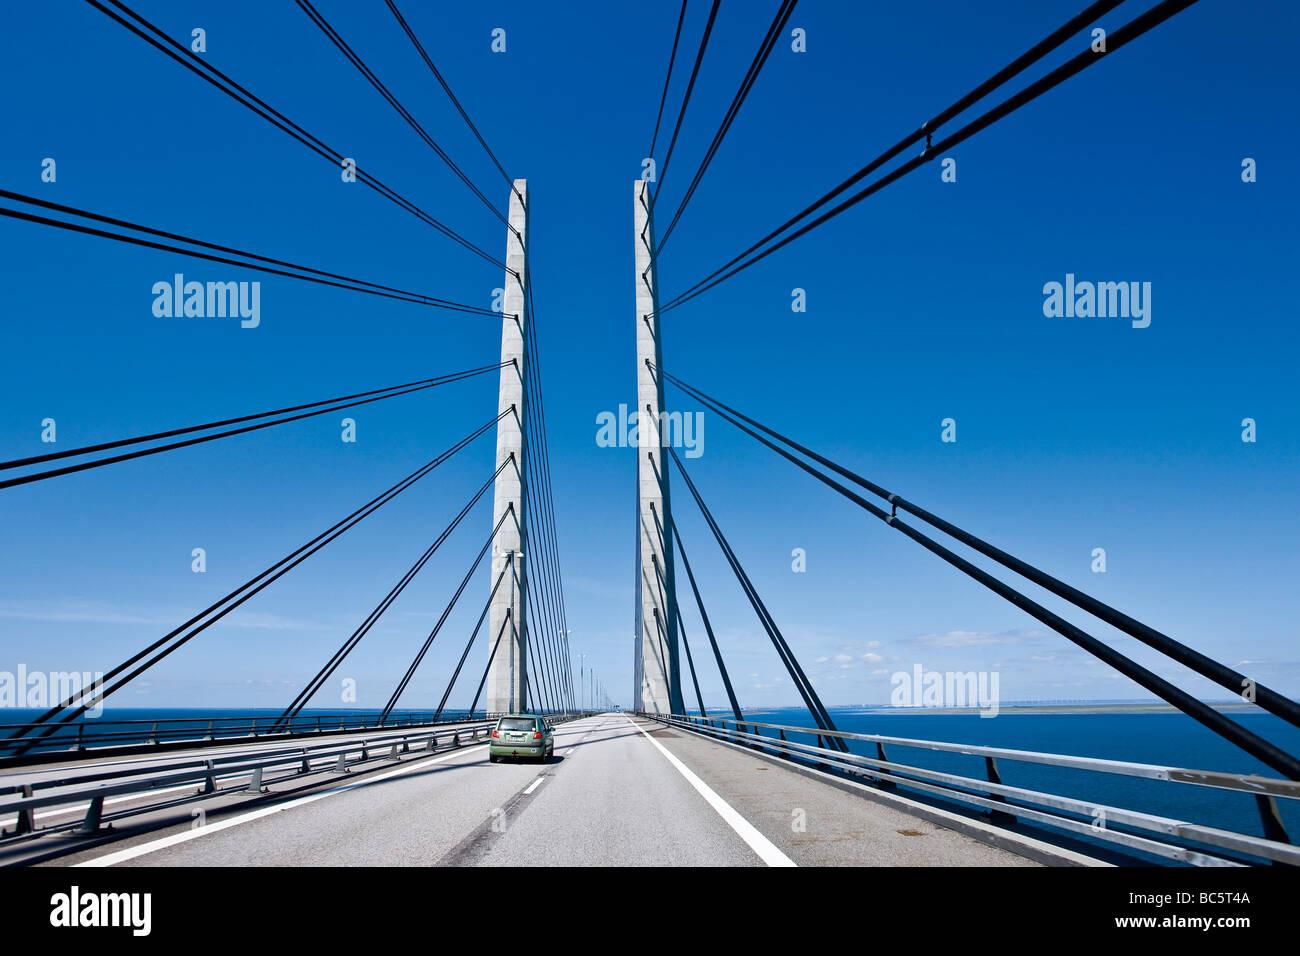 The Oresund Bridge between Denmark and Sweden - Stock Image